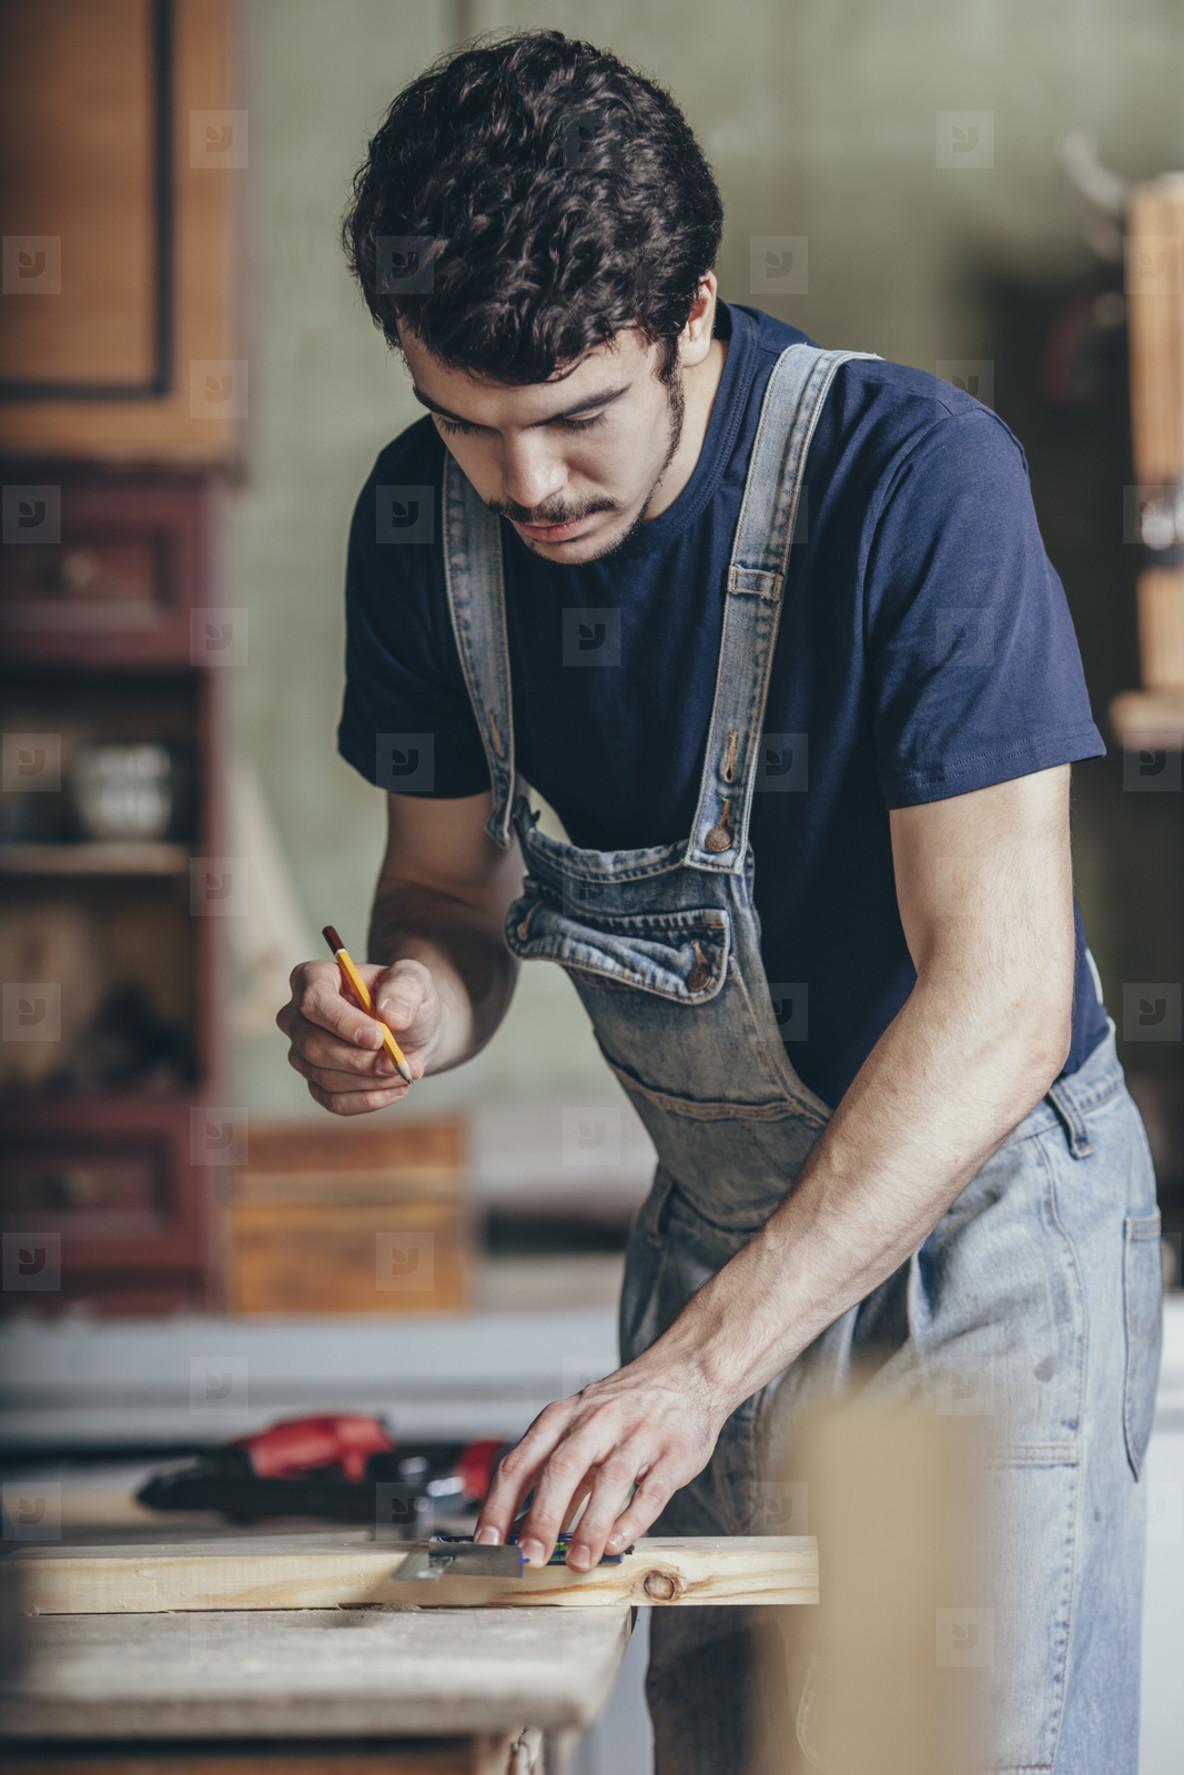 Carpentry Trade  01